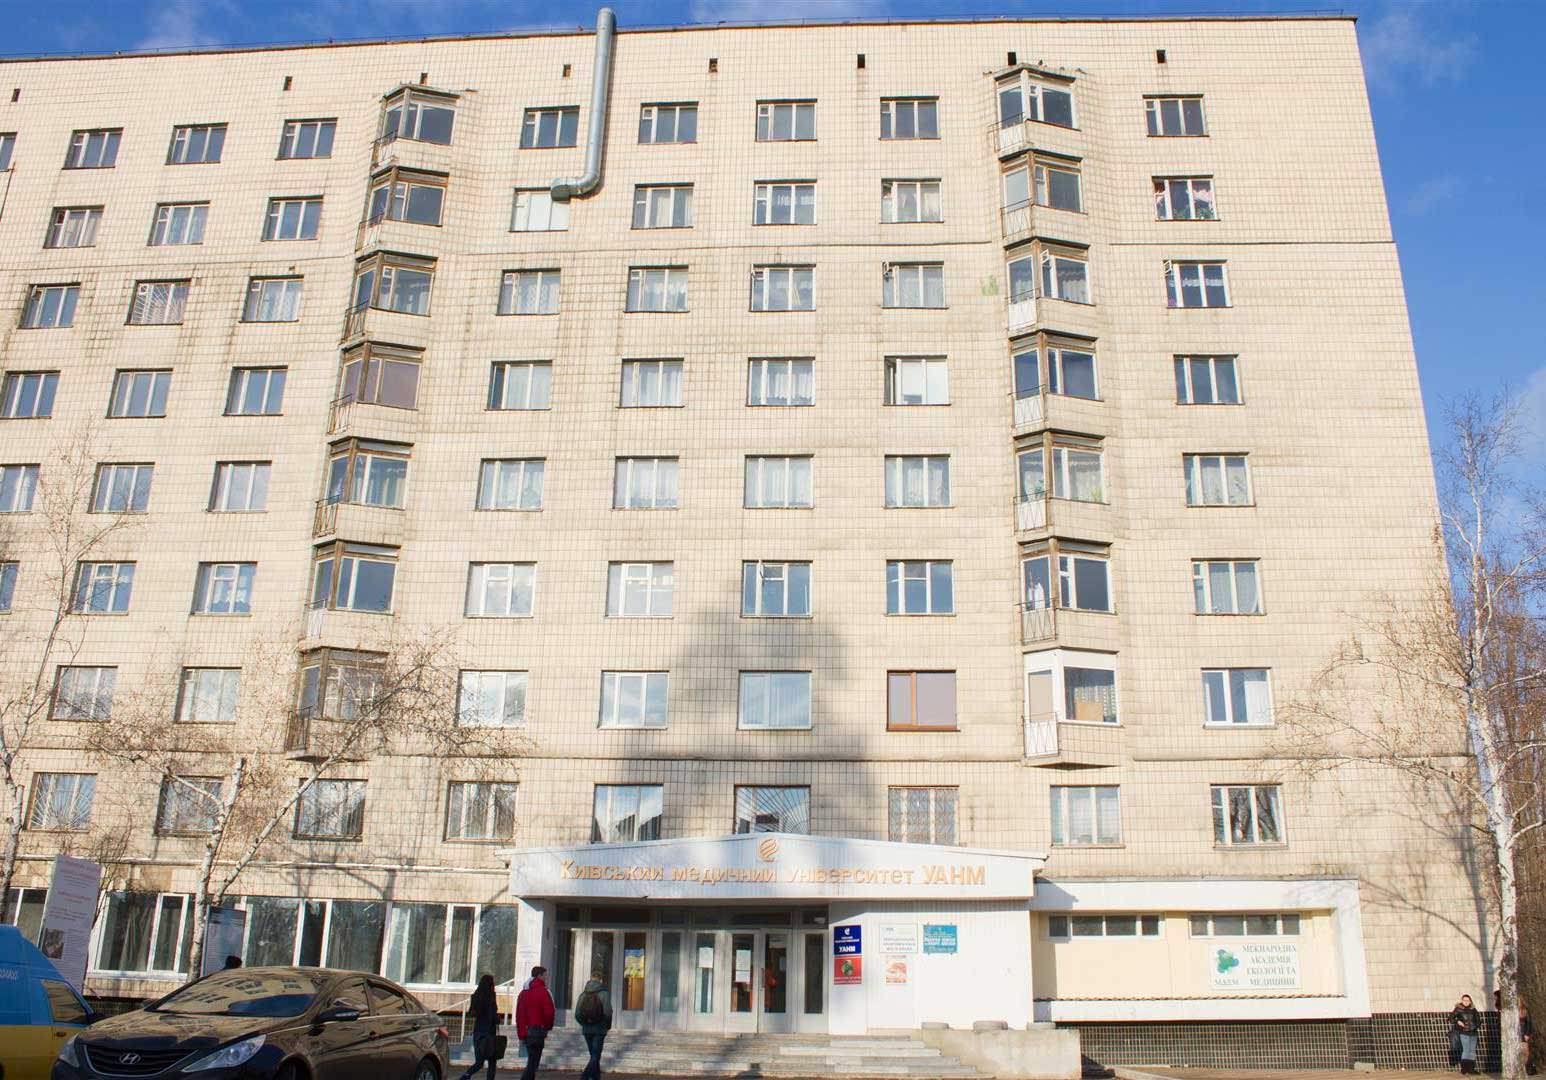 """Đại học kỹ thuật quốc gia của ukraine """"kyiv viện bách khoa"""""""